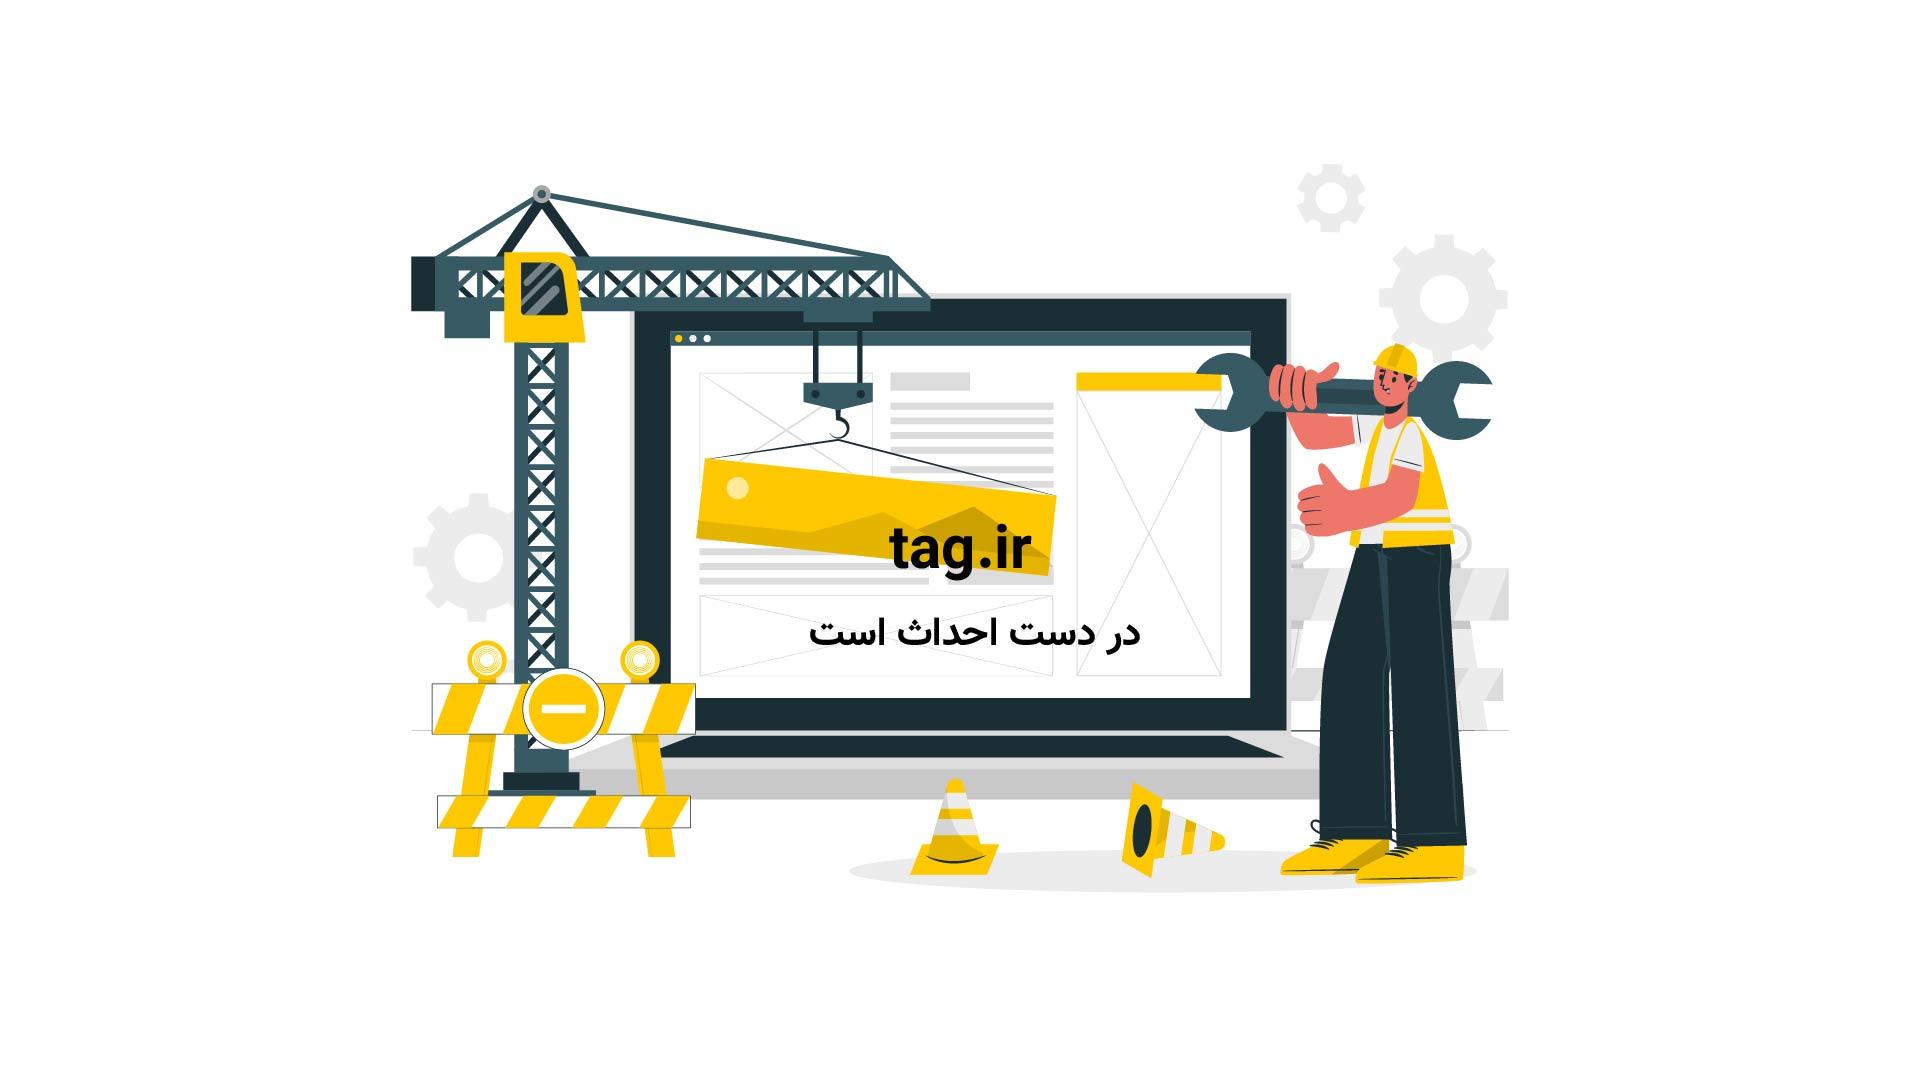 عناوین روزنامه های اقتصادی دوشنبه 22 خرداد   فیلم